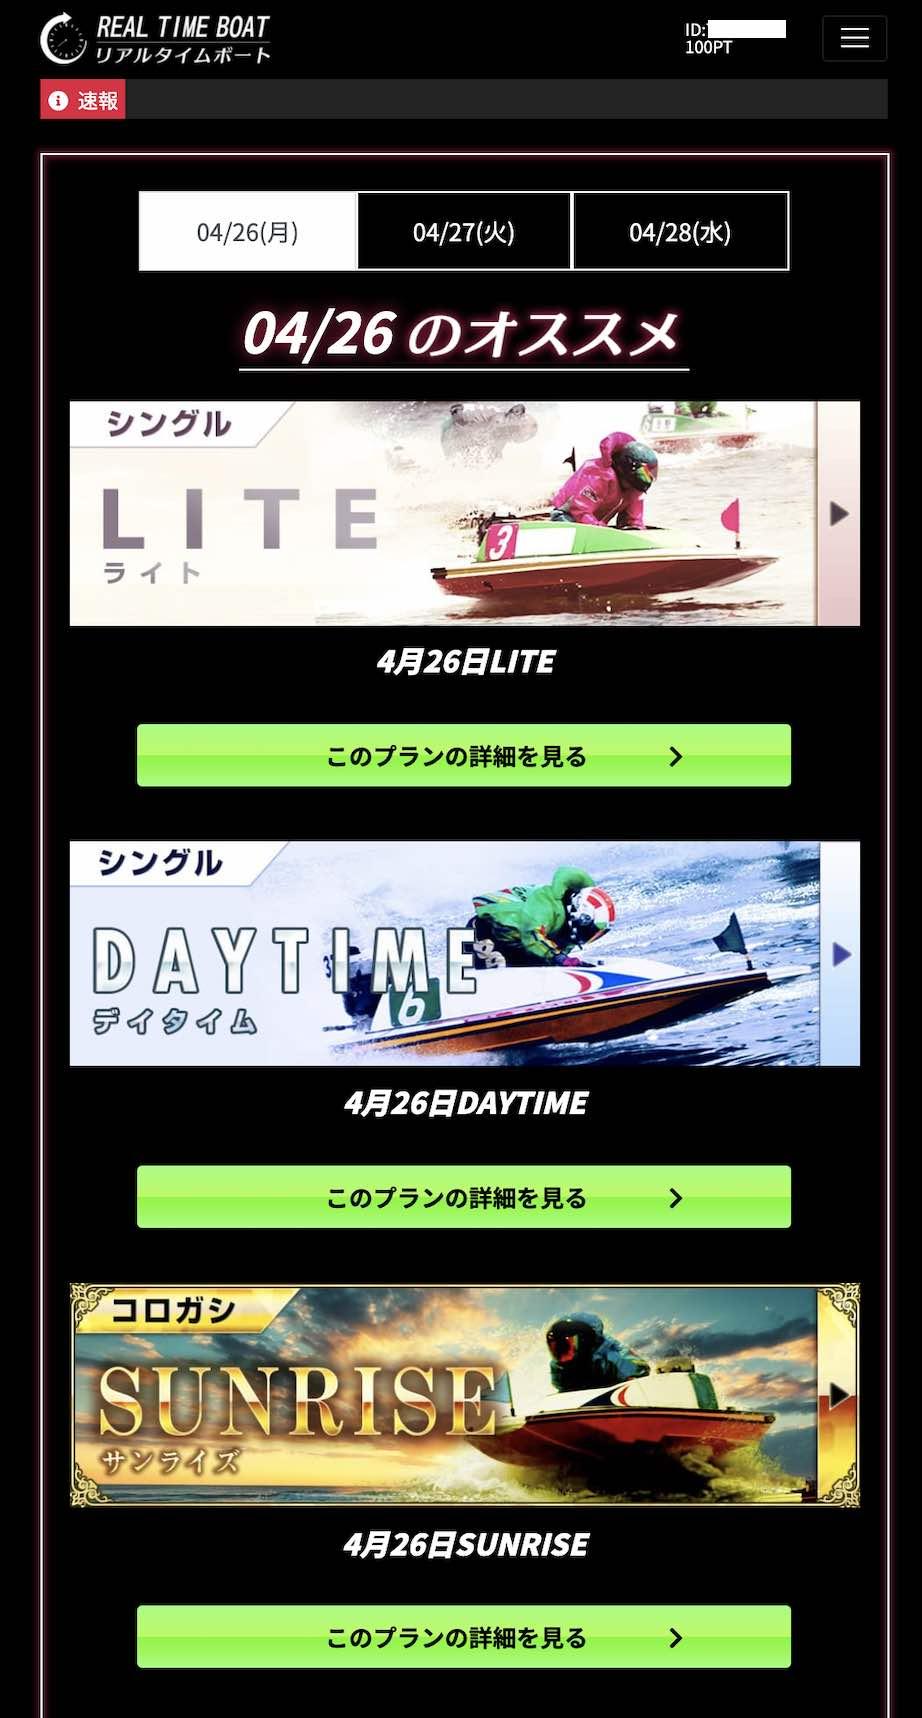 リアルタイムボートという競艇予想サイトの会員ページ